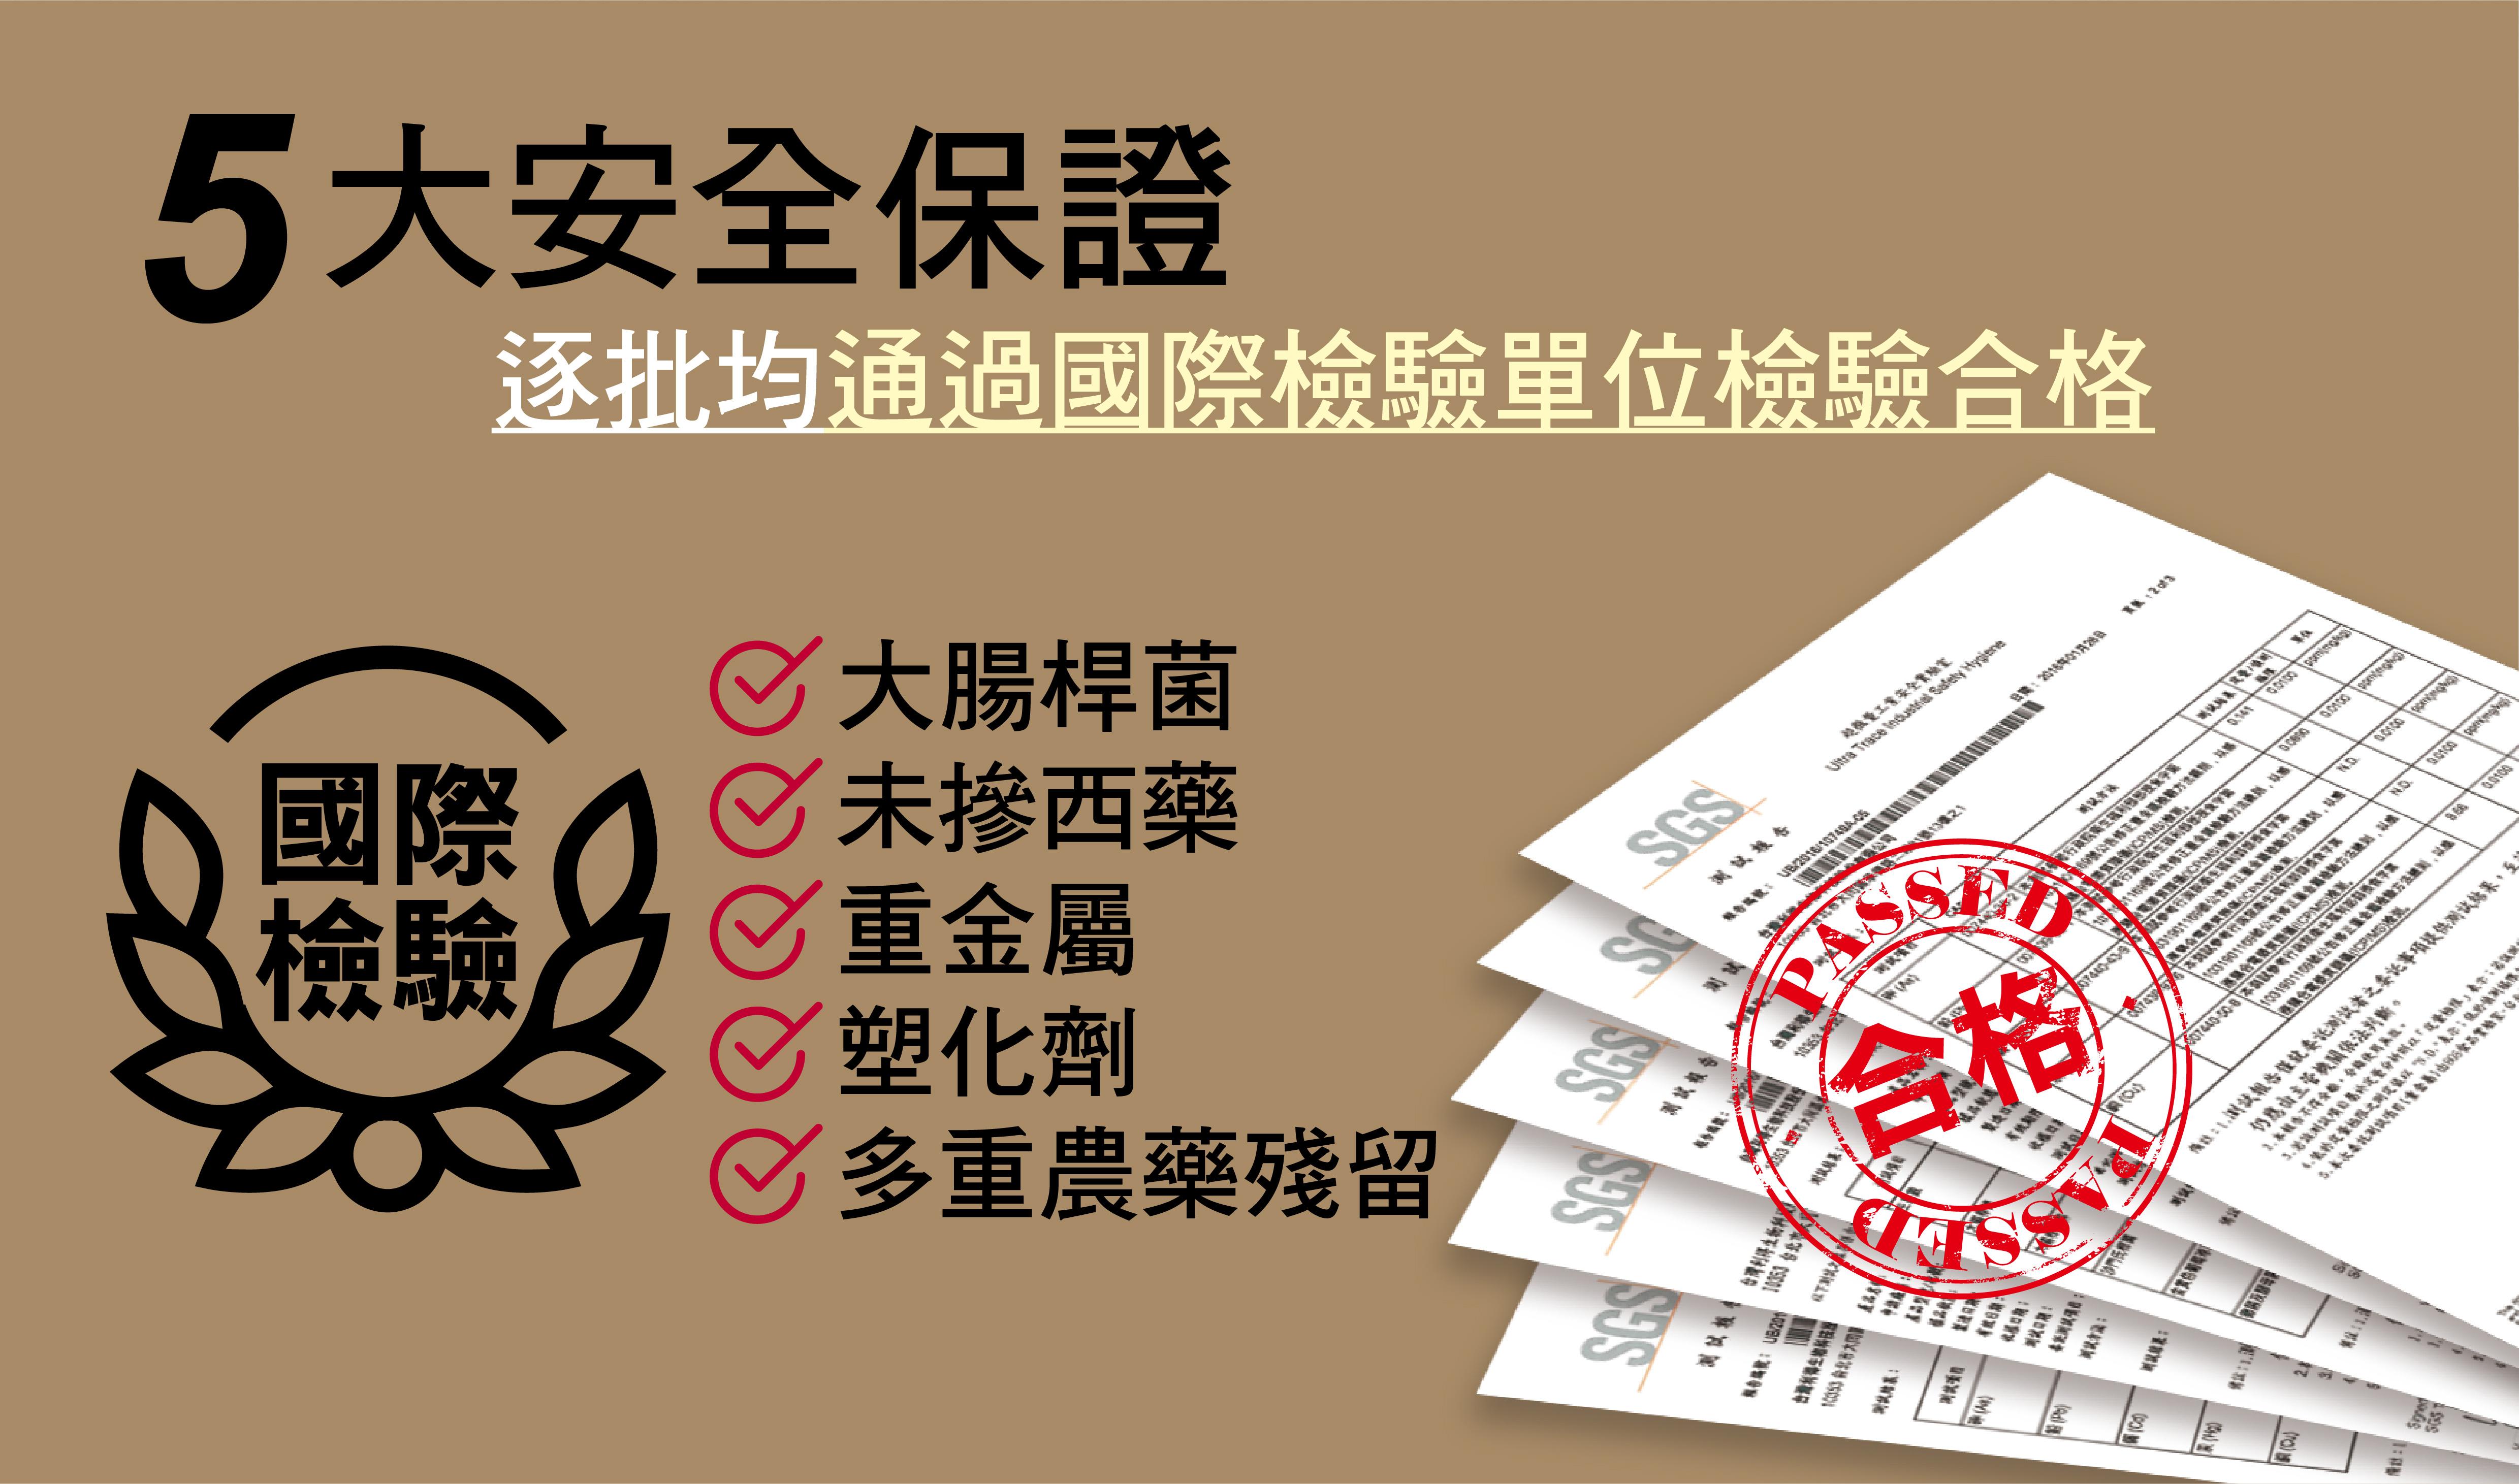 專業認證及安全保證(更新)-0417_5大安全保證